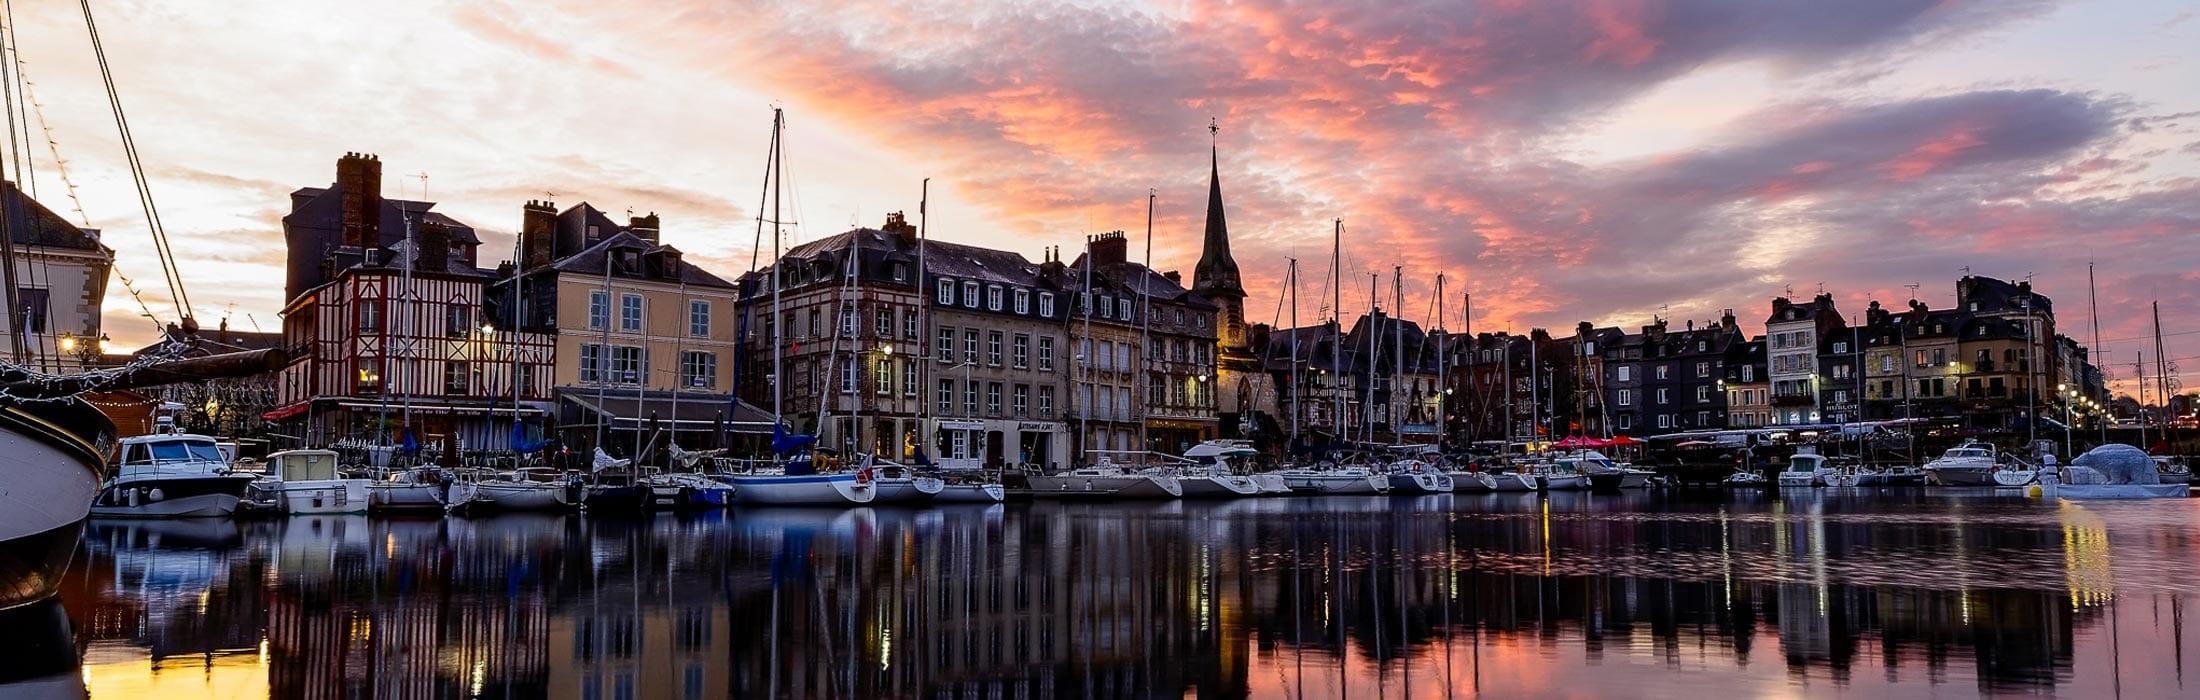 Honfleur est un des ports les plus pittoresques et les mieux conservés de Normandie. C'est autour du Vieux Bassin que la vie s'organise